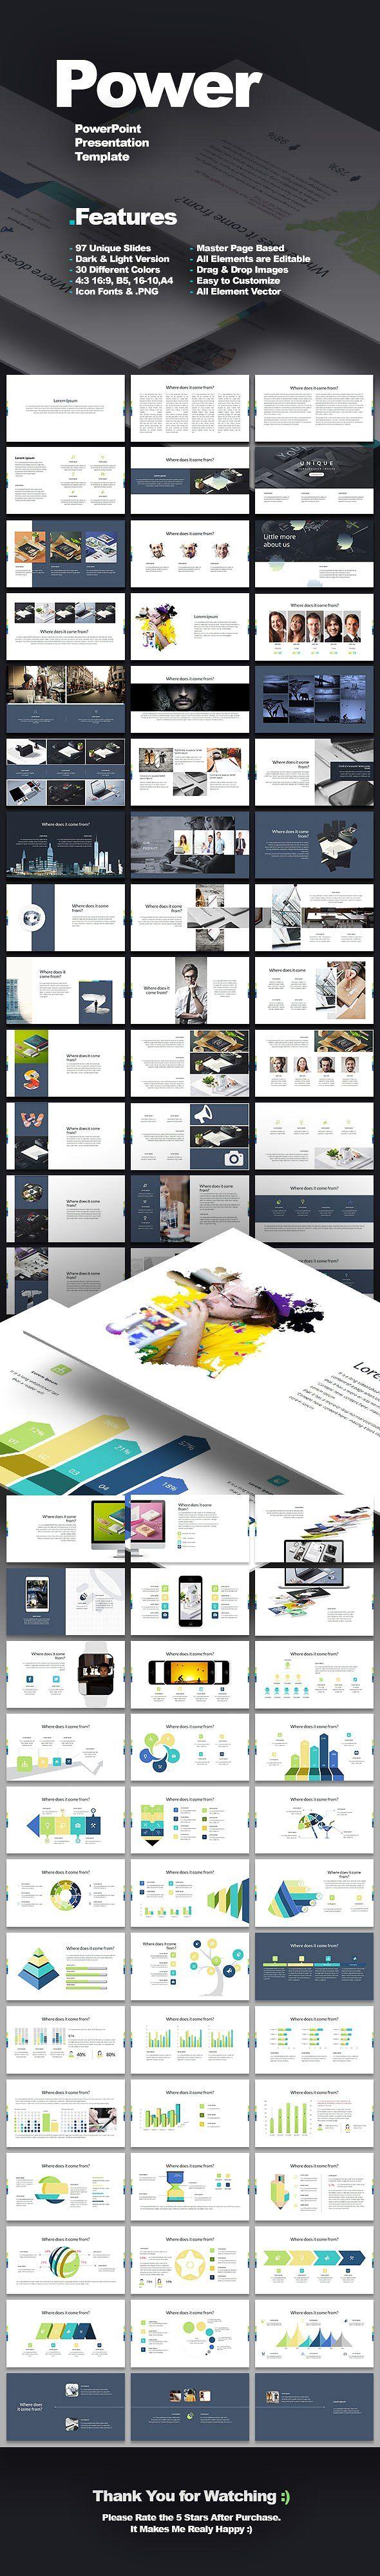 57 best PPT images on Pinterest | Presentation layout, Presentation ...